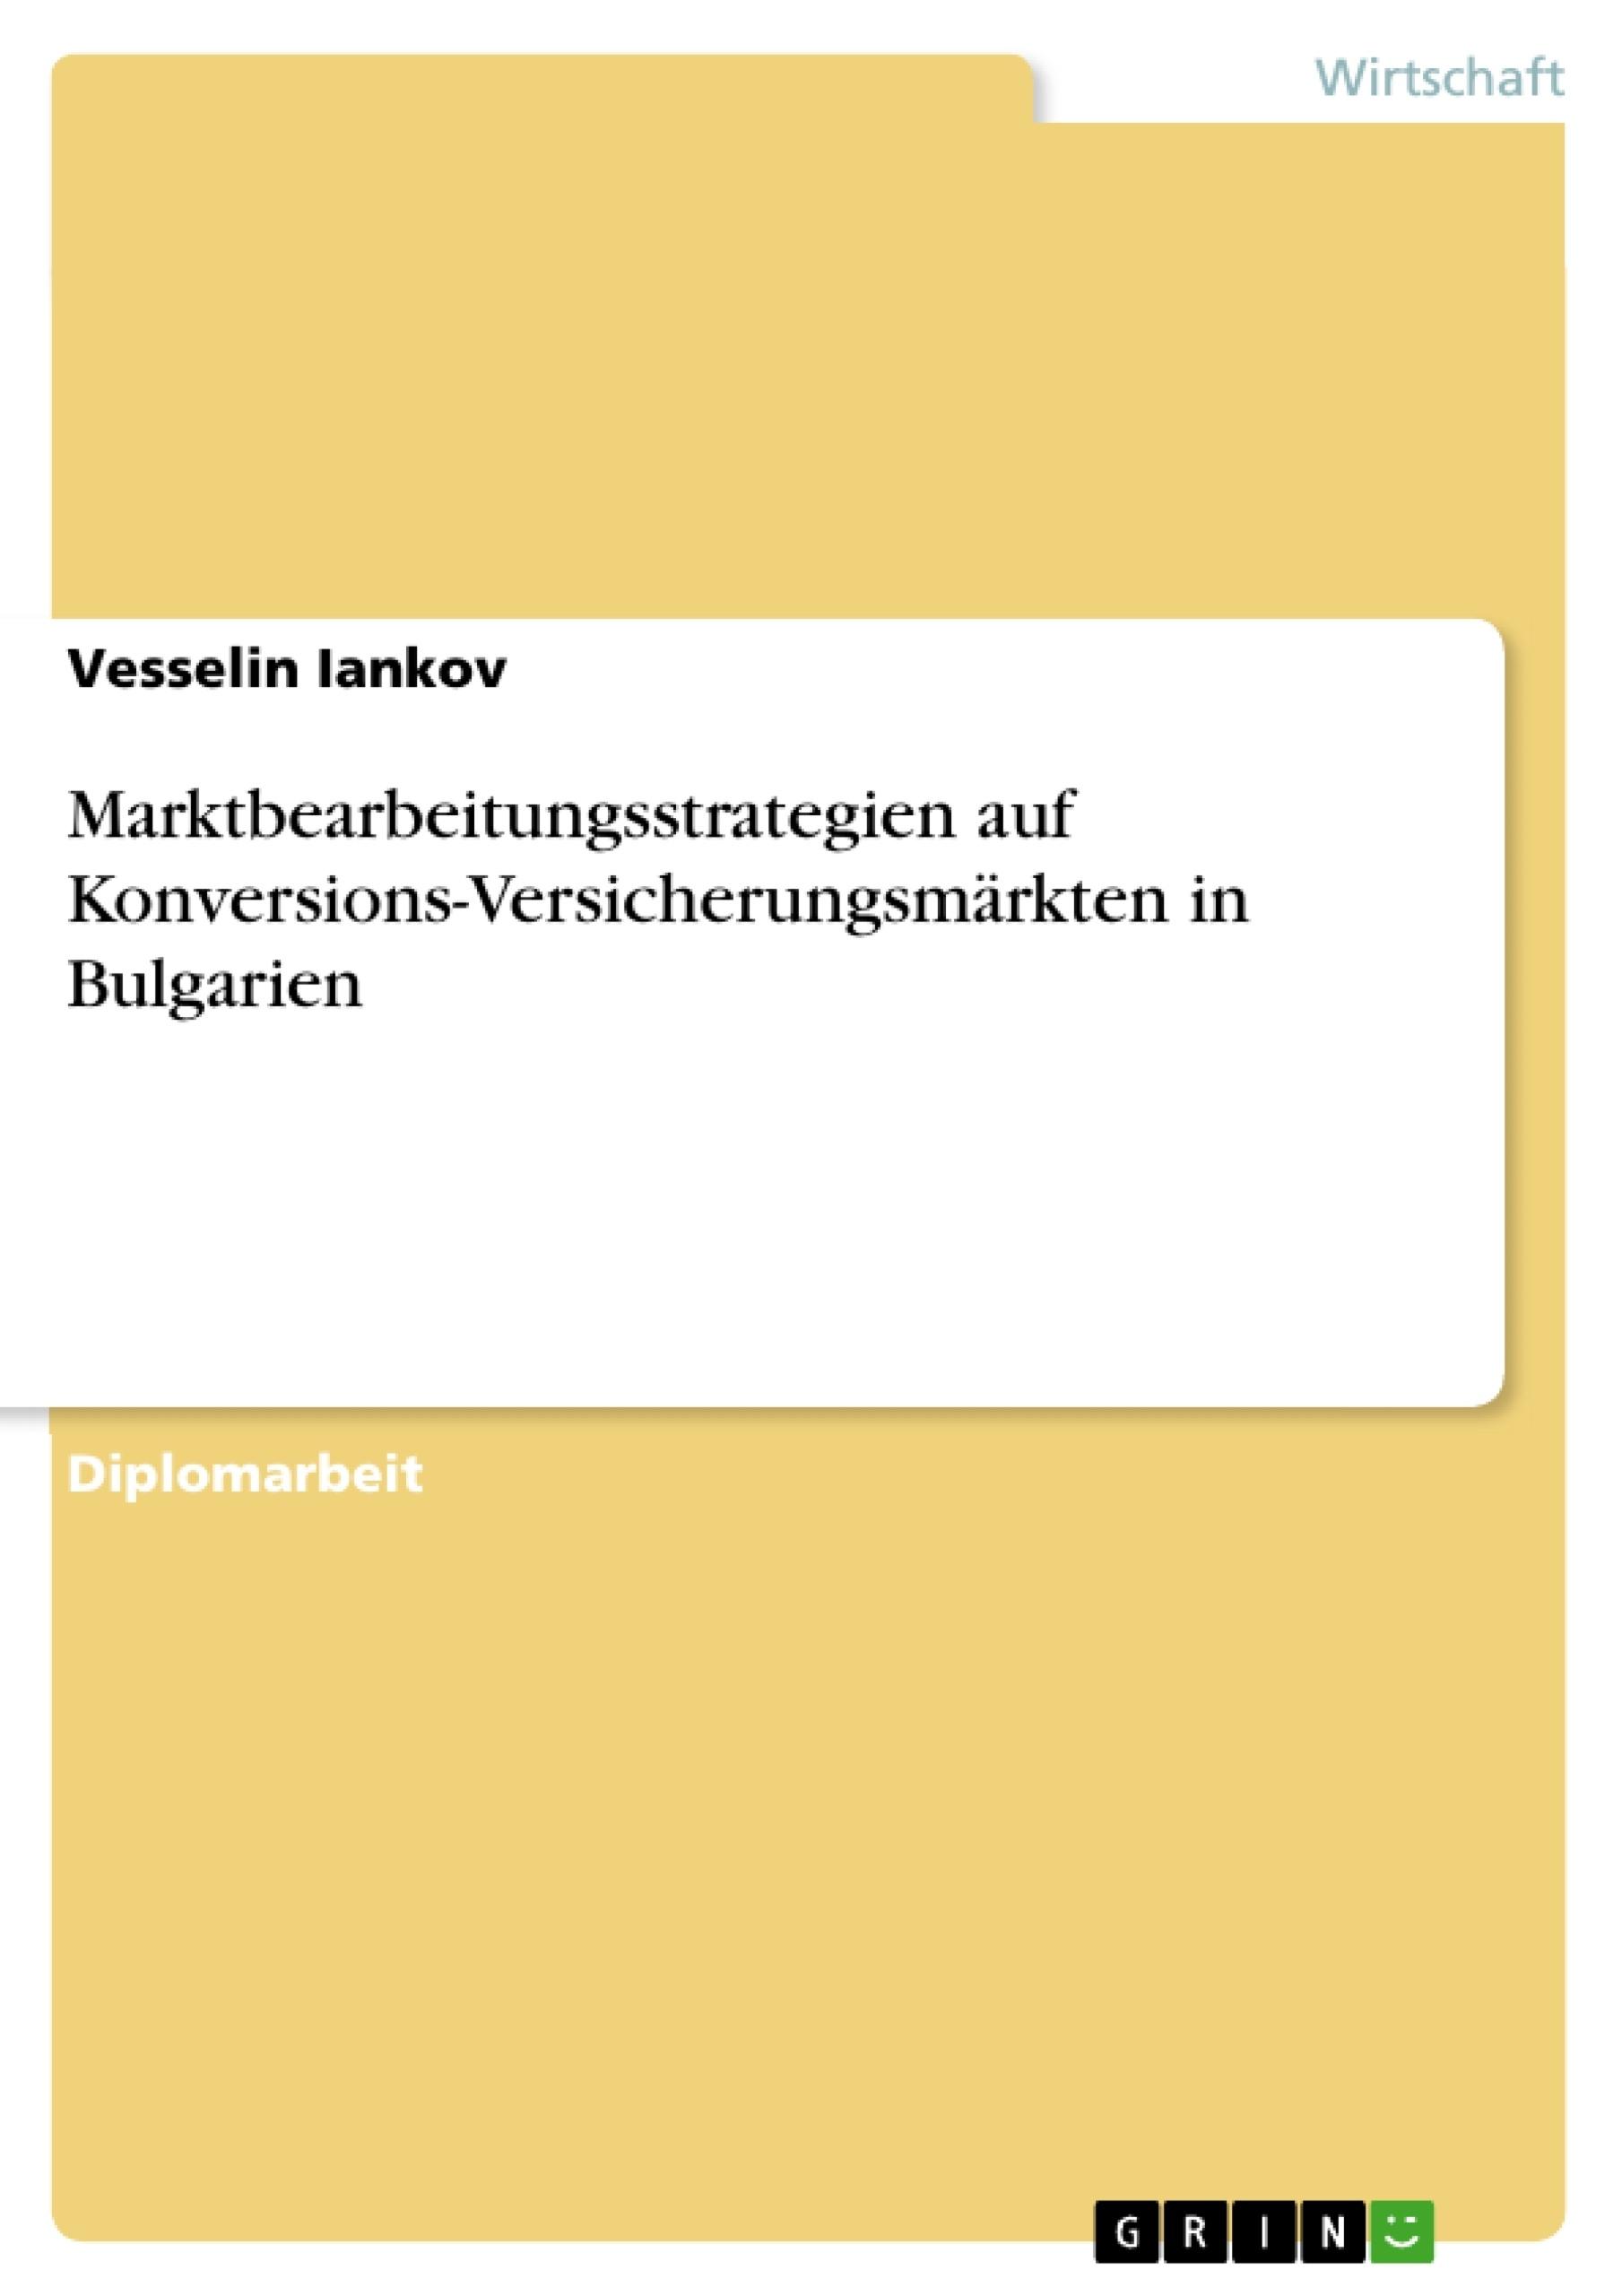 Titel: Marktbearbeitungsstrategien auf Konversions-Versicherungsmärkten in Bulgarien